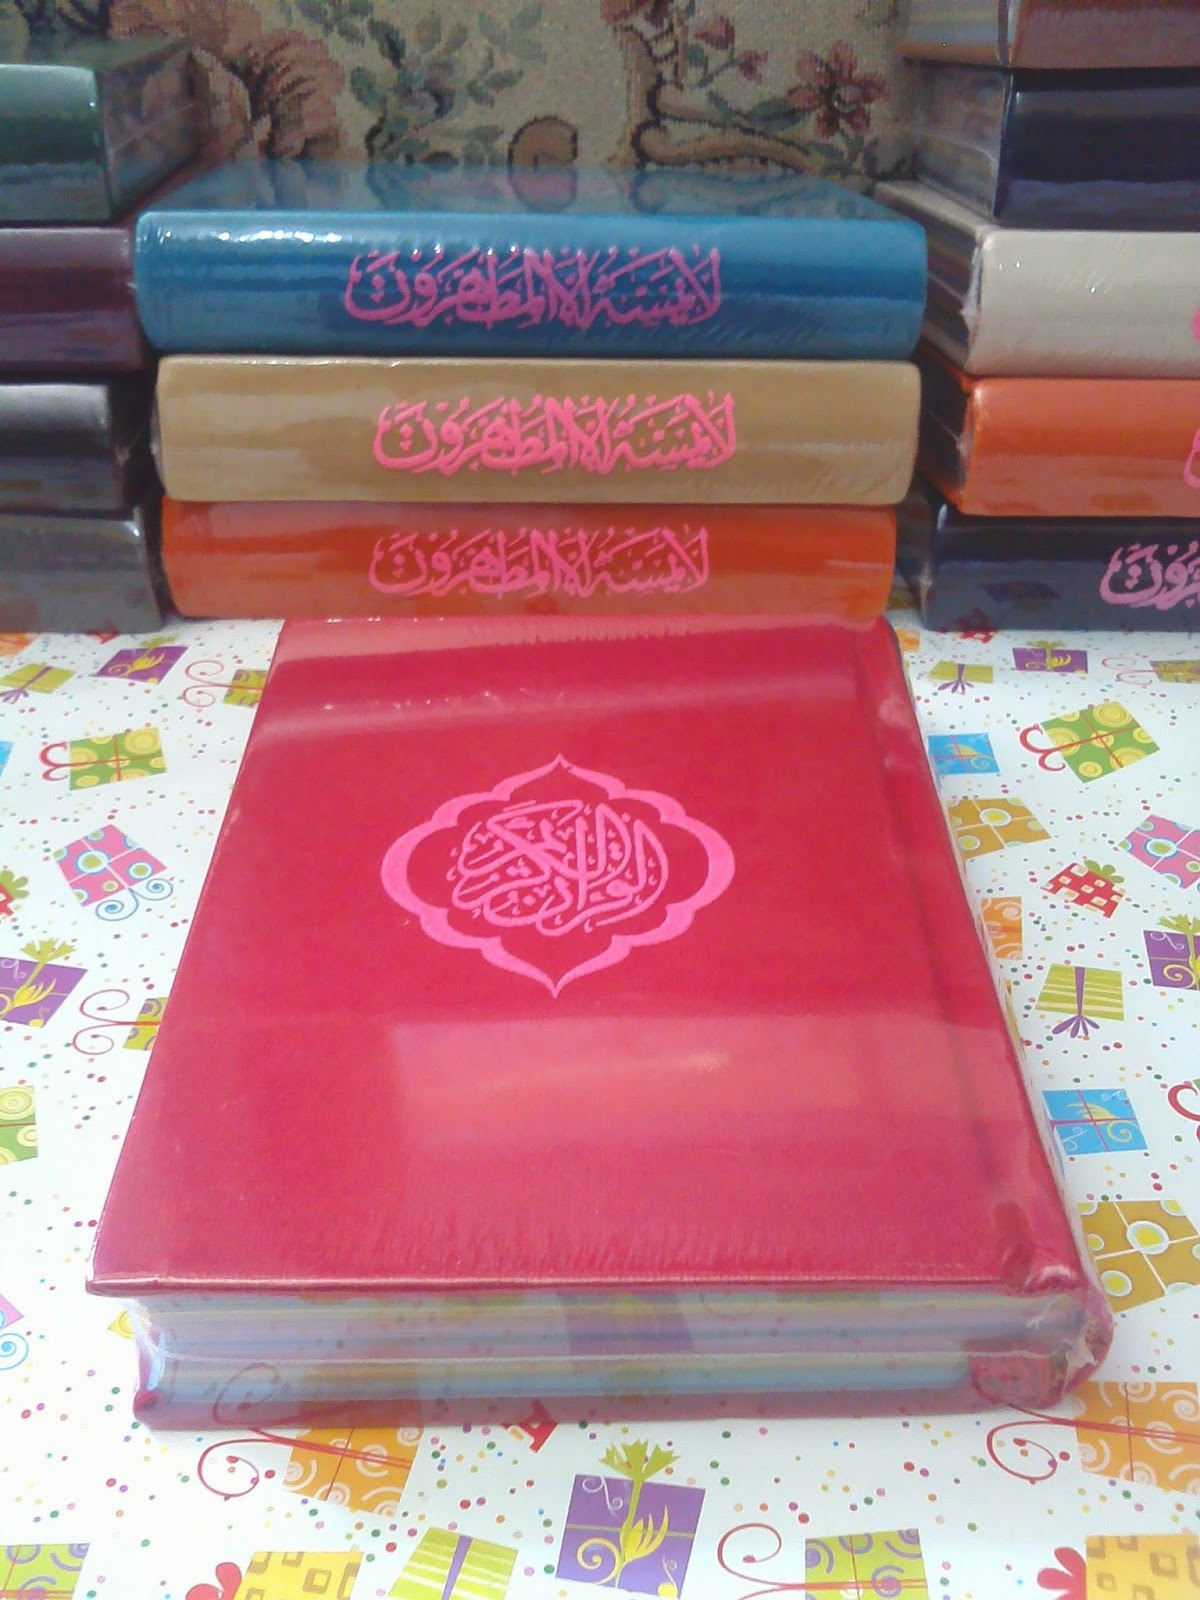 al-quran pelangi, al-quran pelangi karita, al-quran pelangi karita pink, al-quran pink, al-quran cantik warna pink